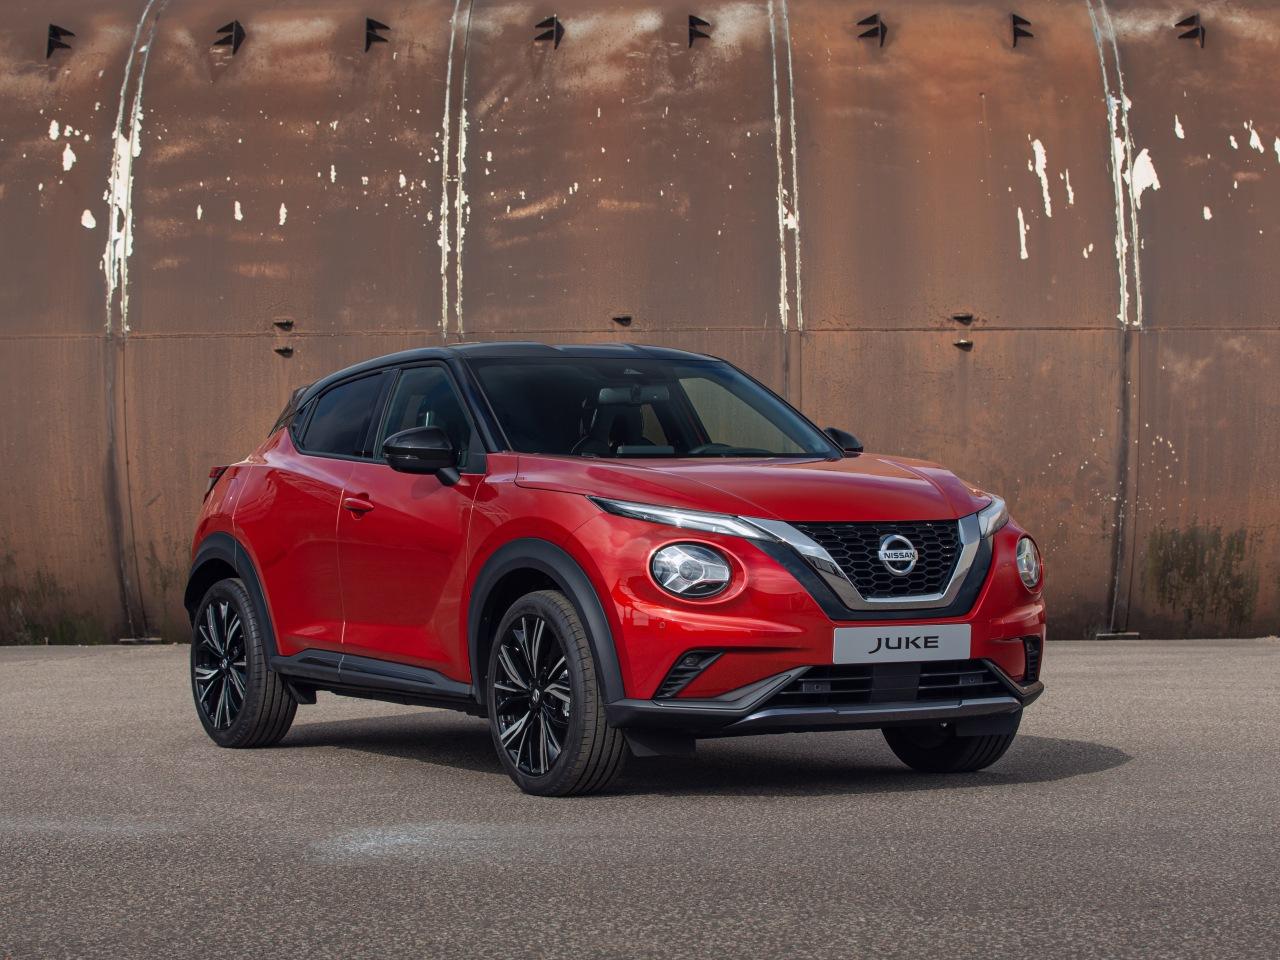 Nissan Juke 2020: Datos y precios -- Autobild.es